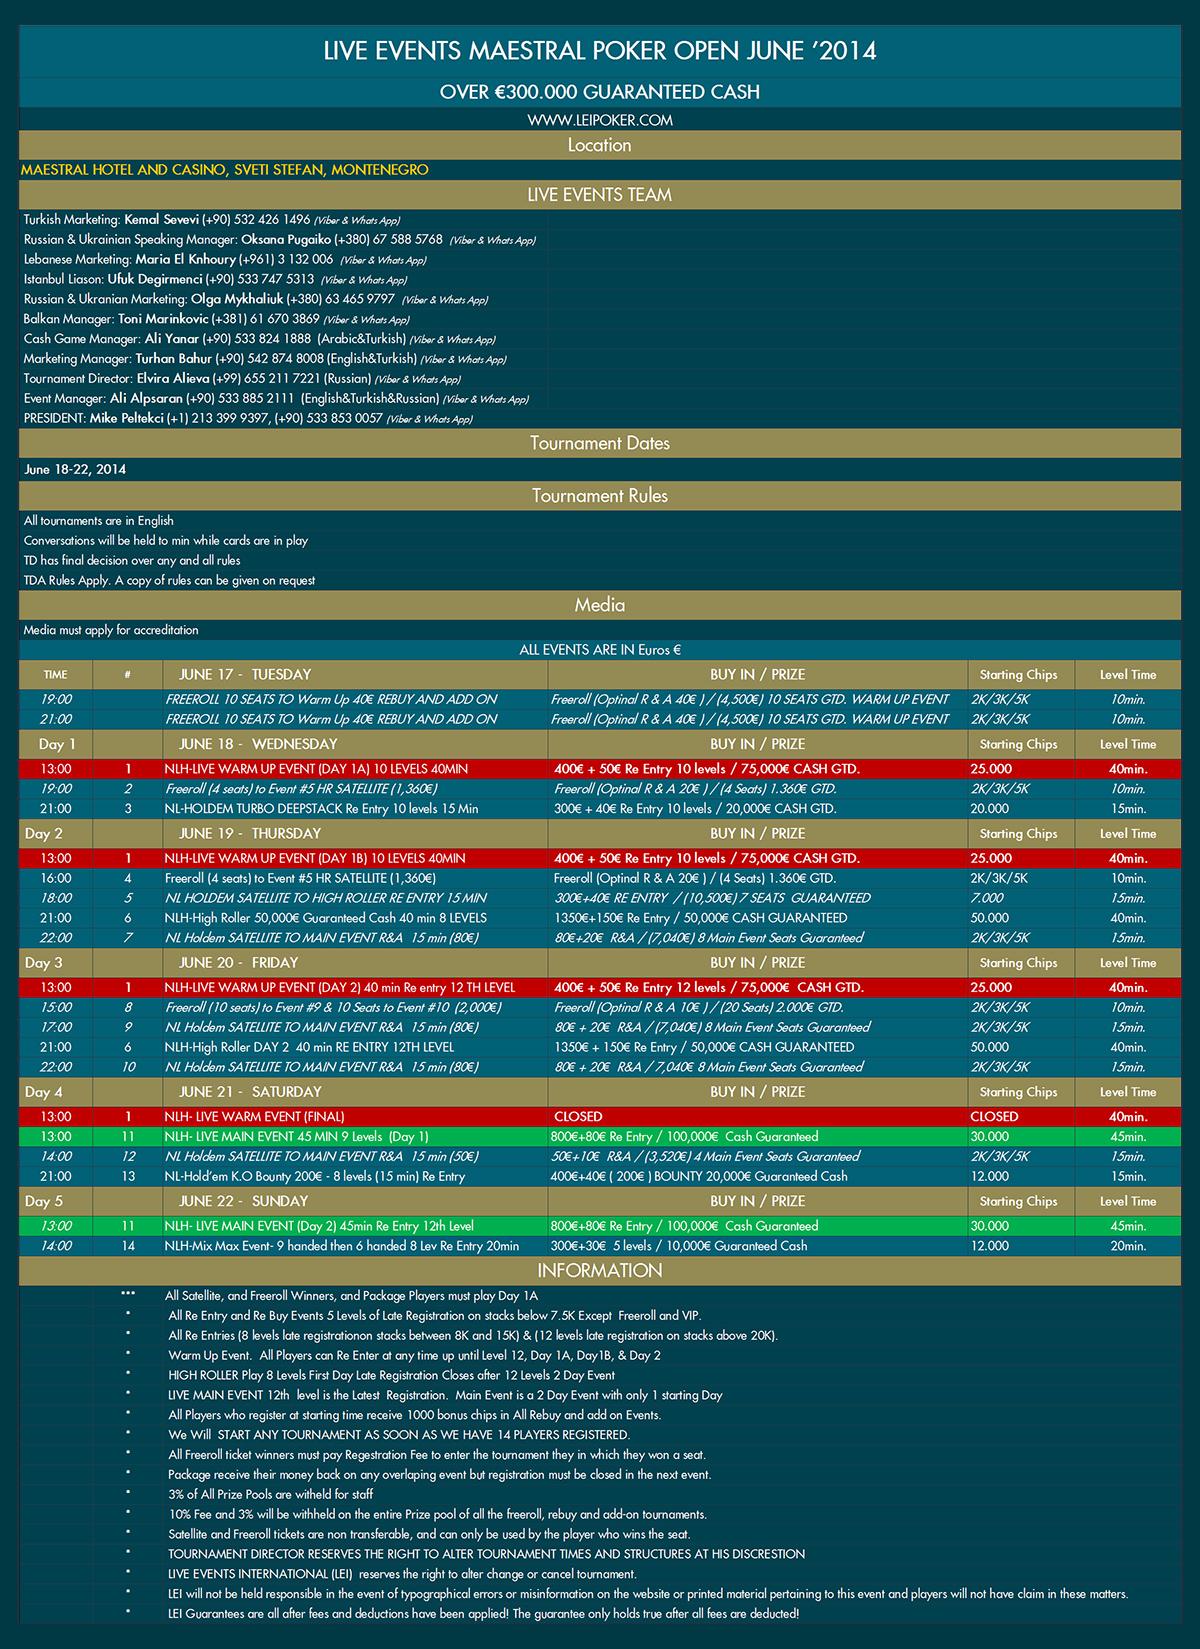 Live Events Int. Ponovo u Crnoj Gori od 18.-22. Juna 2014 Maestral Poker Open 101